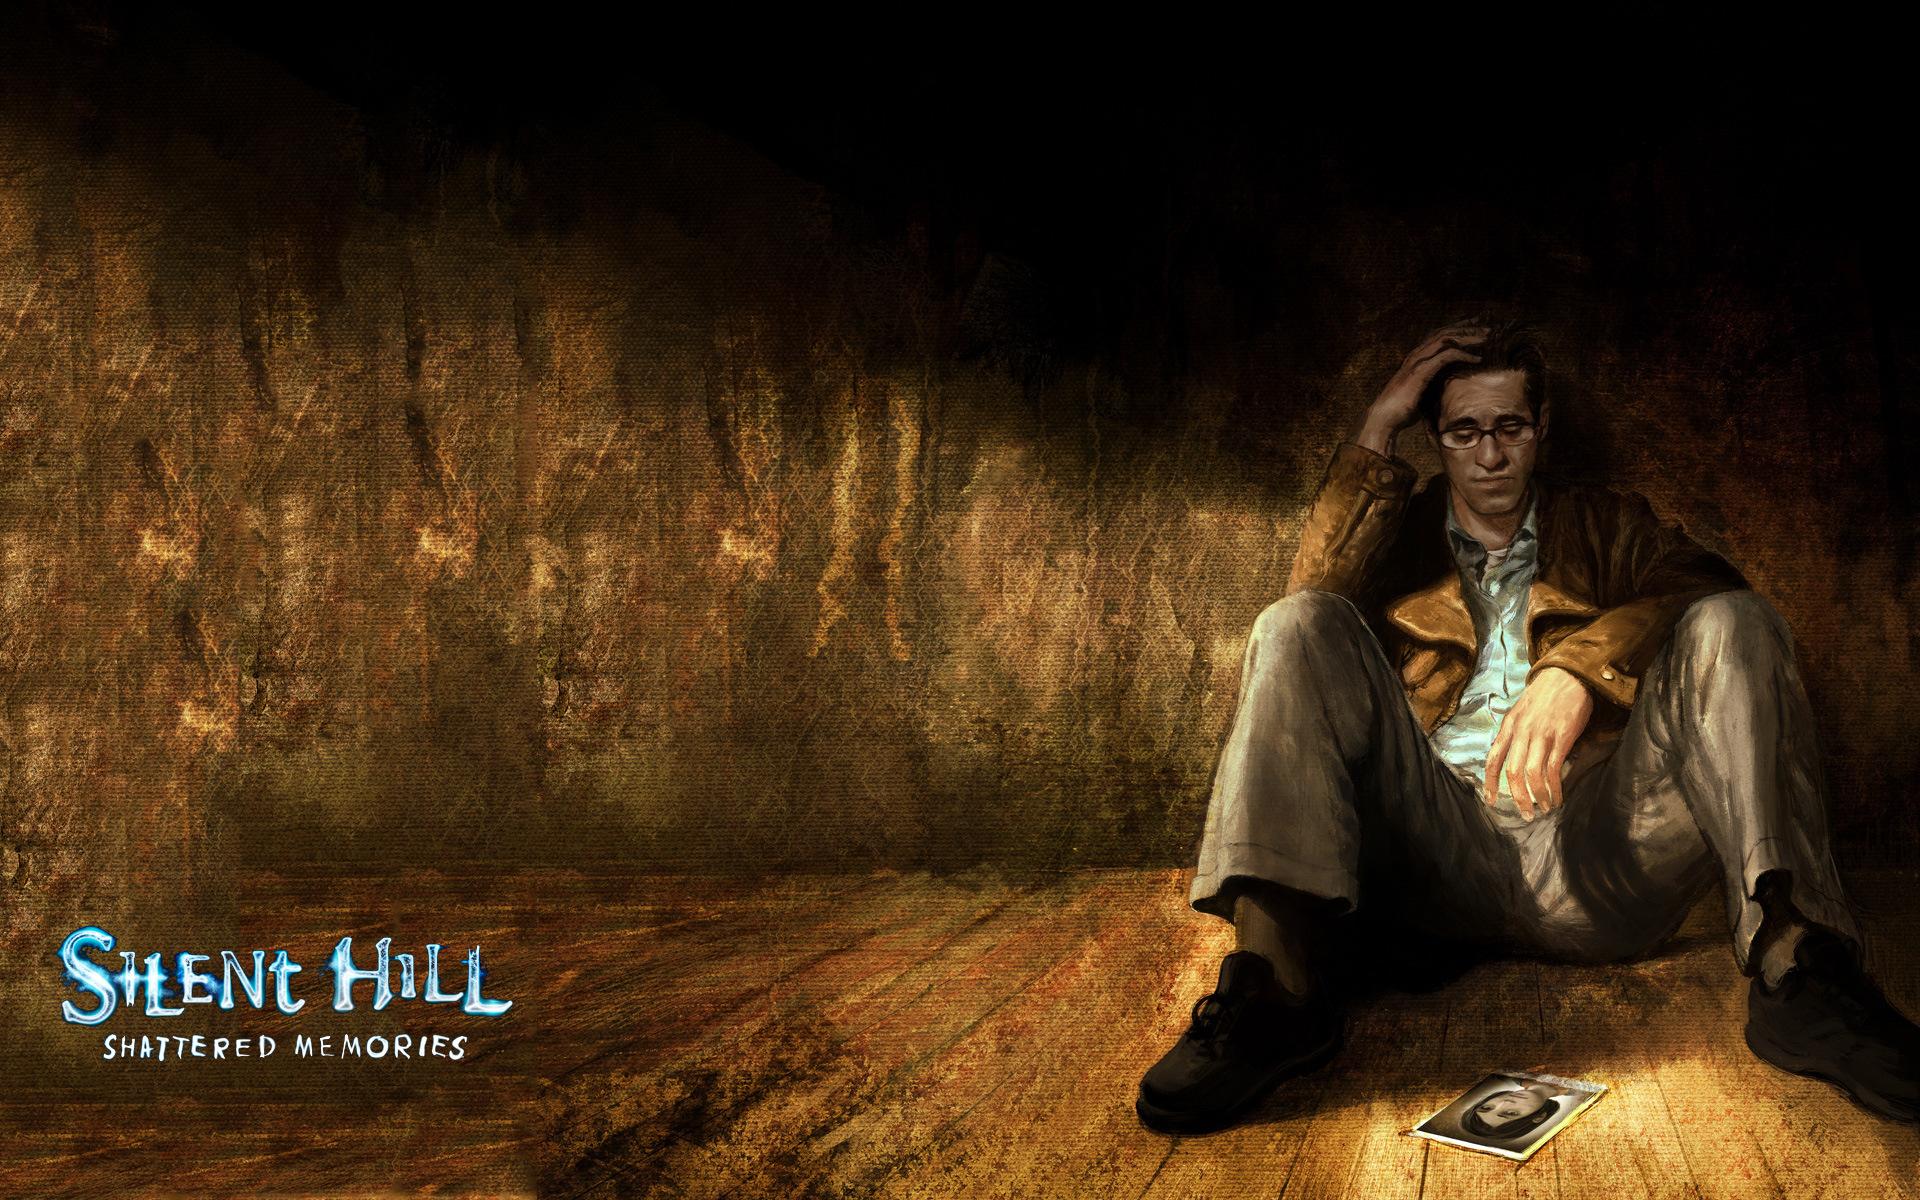 silent-hill-shattered-memories-02-1920x1200.jpg